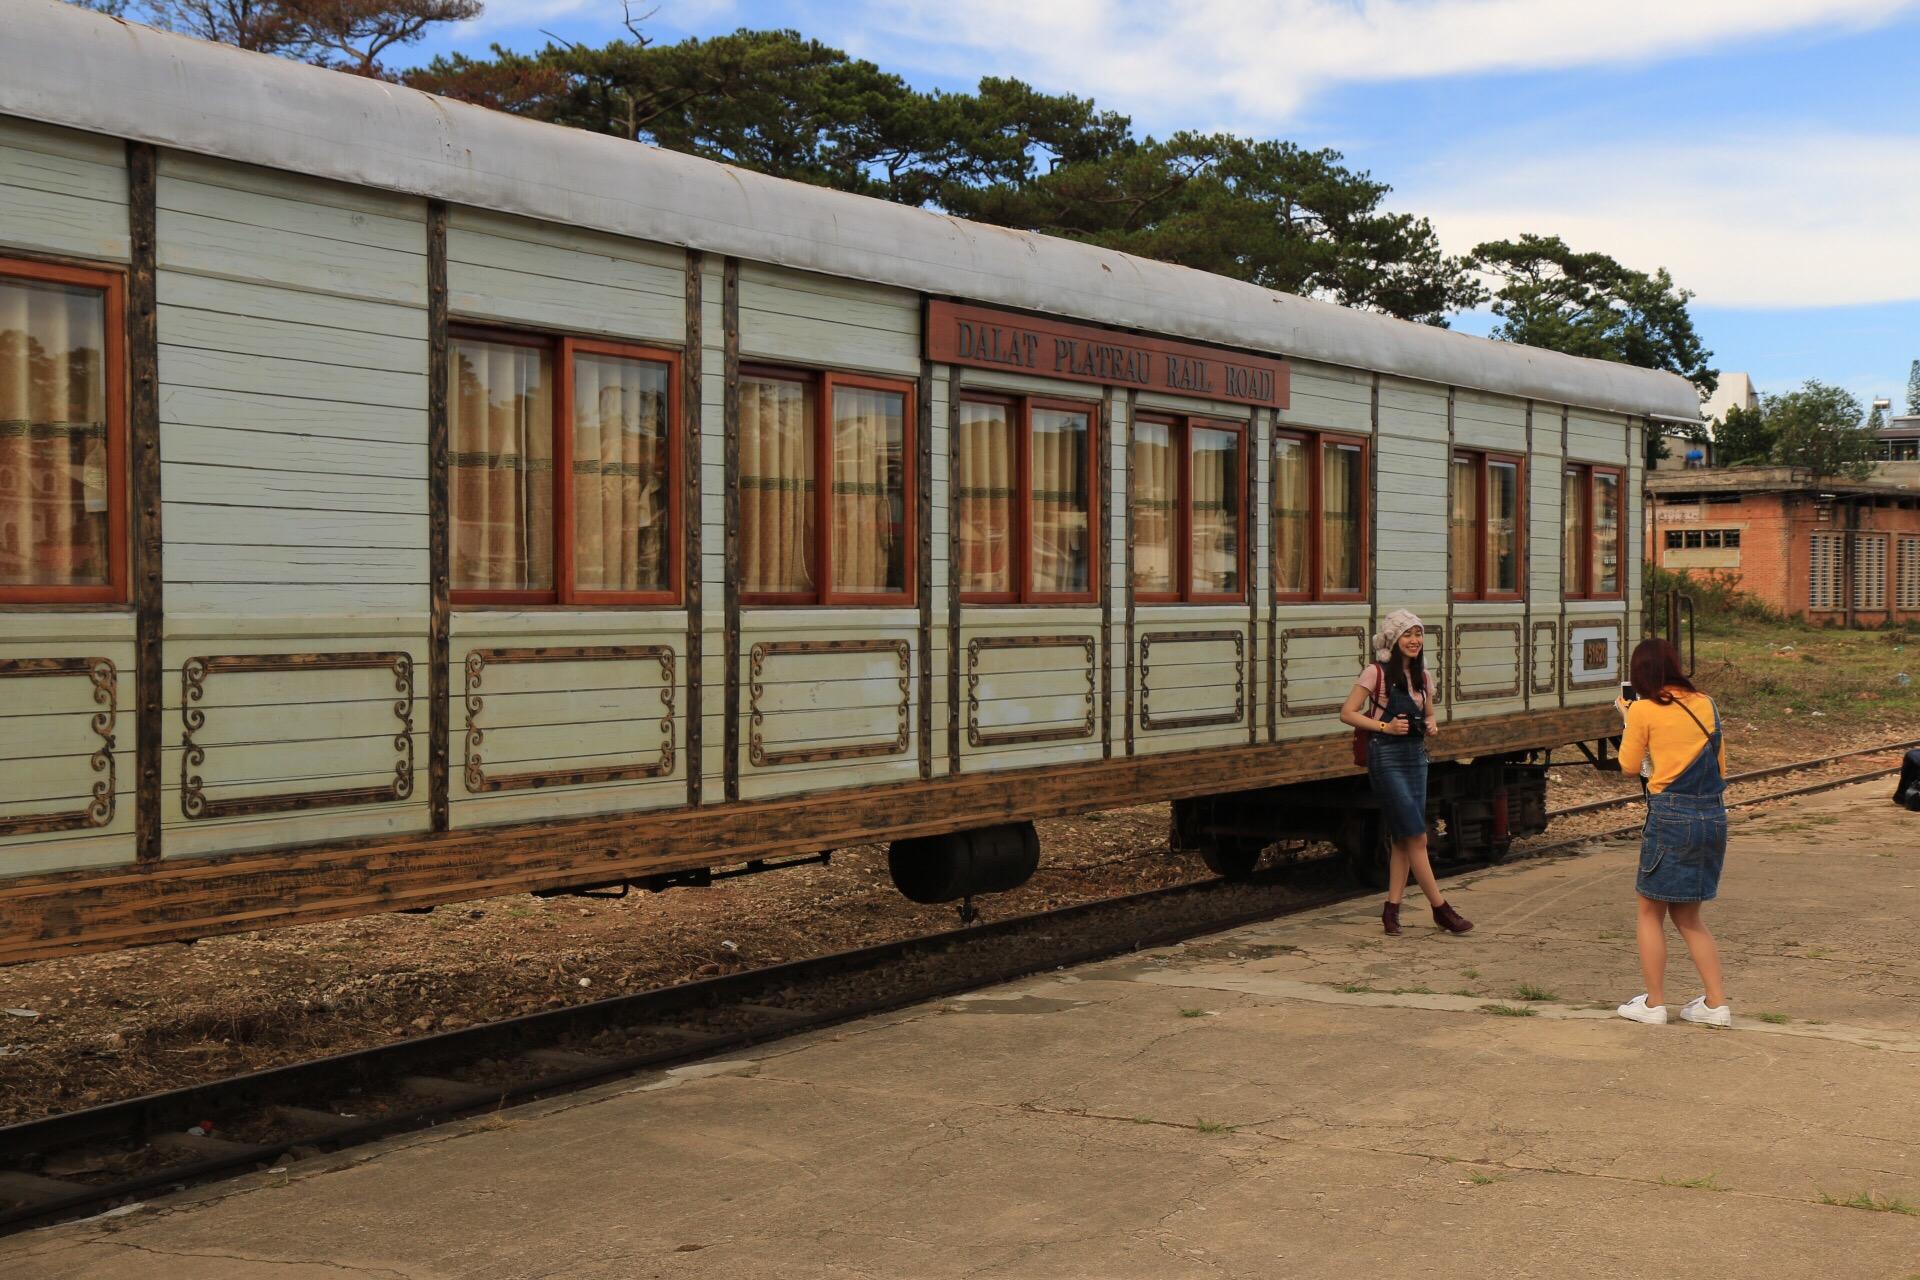 Ein Eisenbahnwagen, der noch aus der Kolonialzeit stammt.